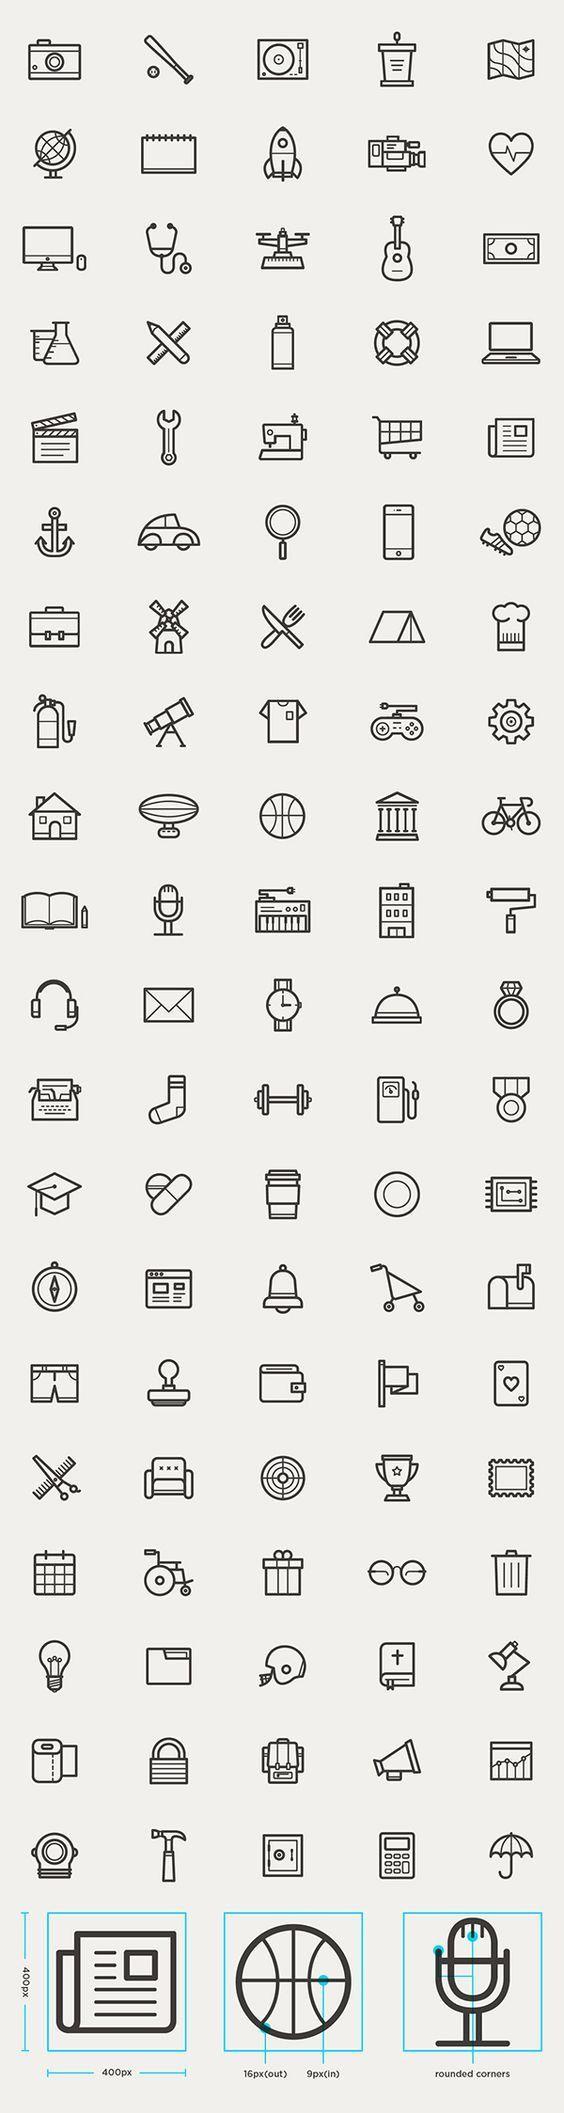 Tiny icon design